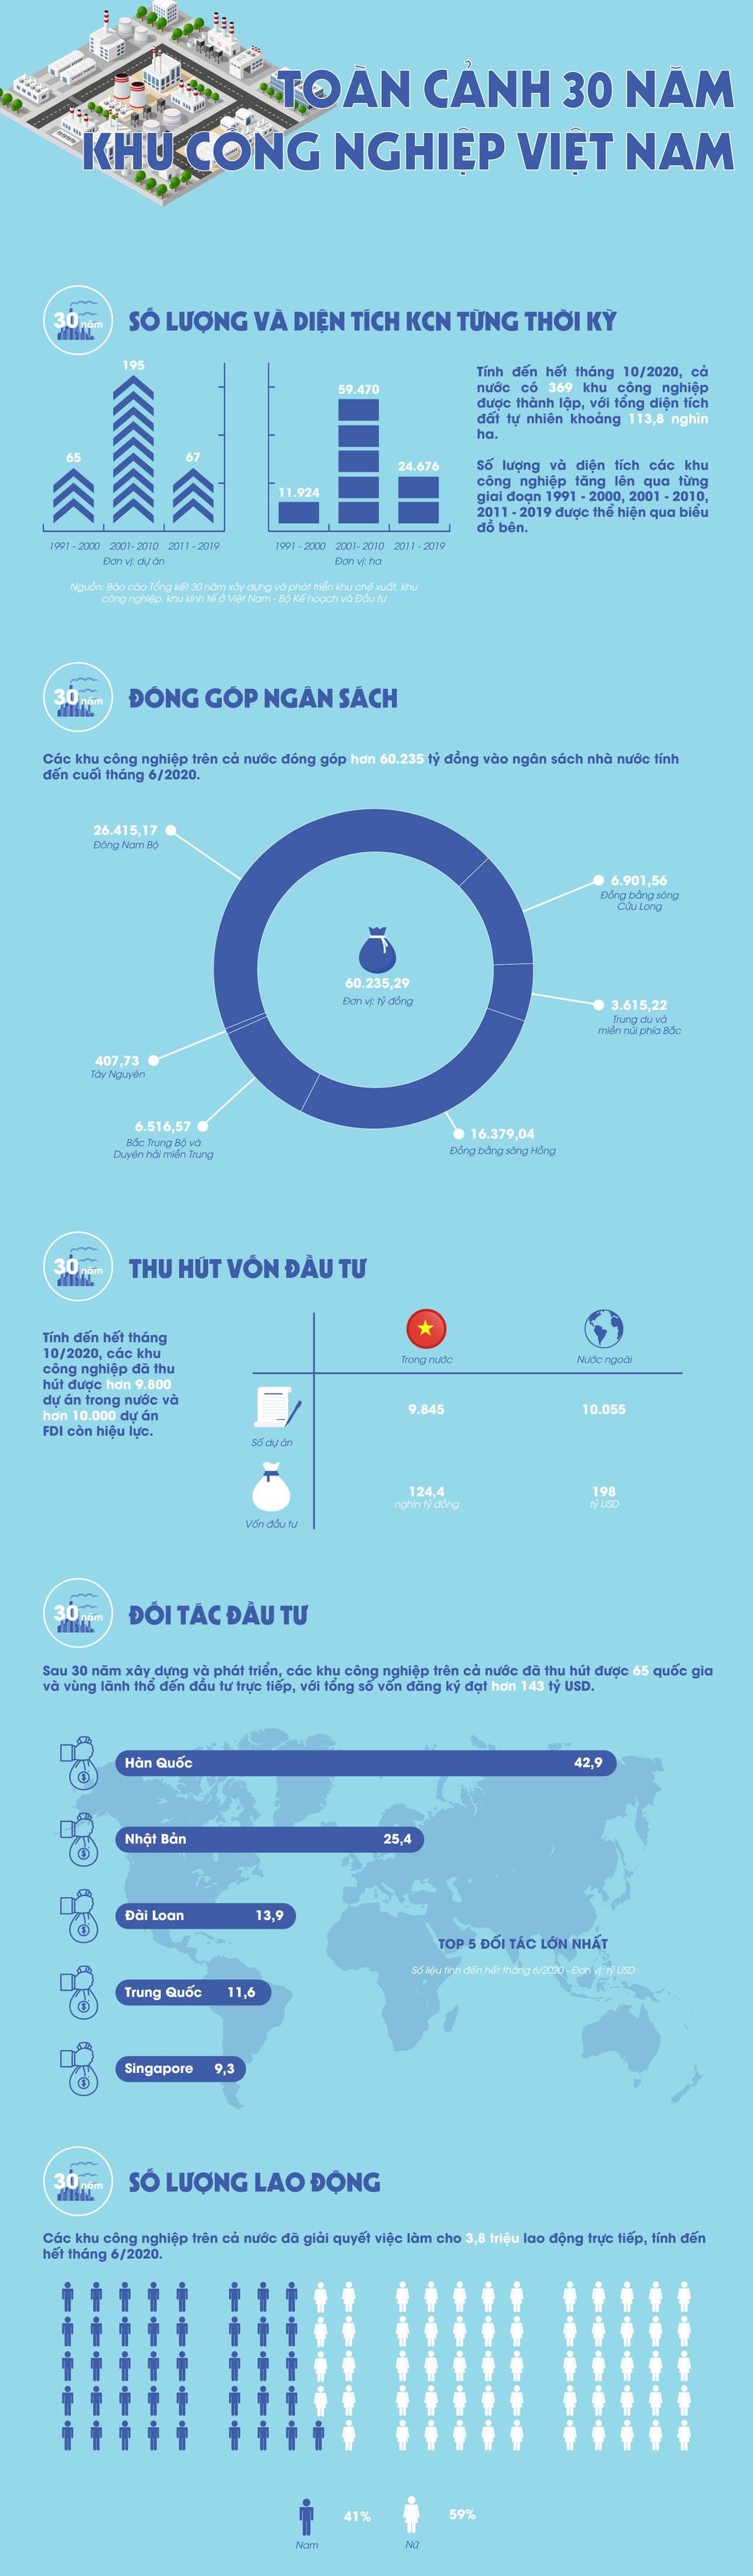 [Infographic] Toàn cảnh 30 năm khu công nghiệp Việt Nam ảnh 1